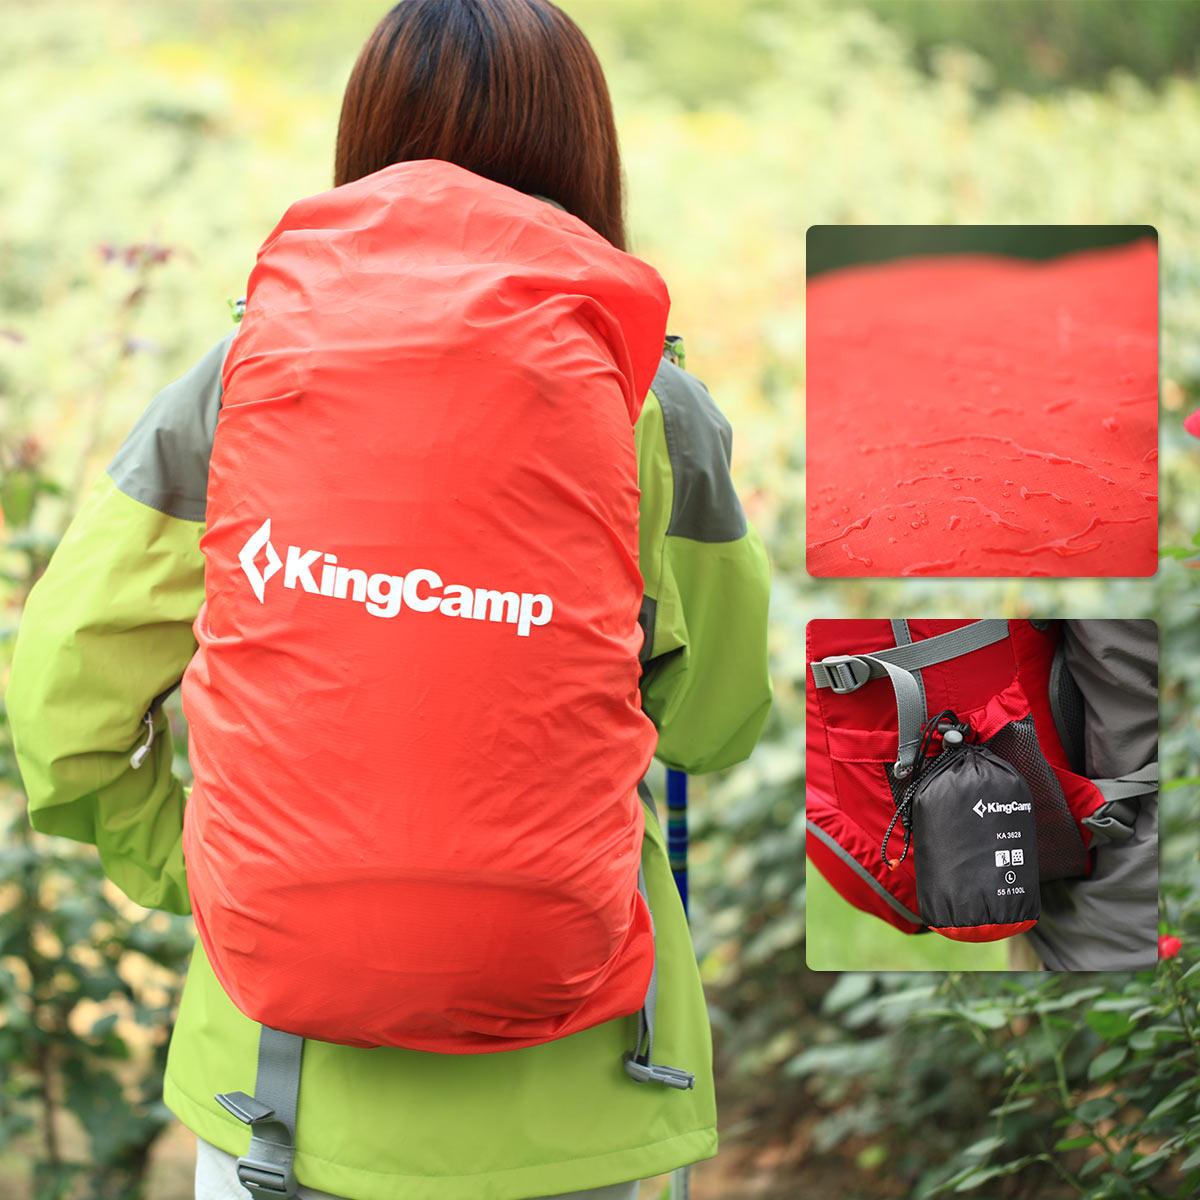 KingCamp Portable Housse De Pluie pour Sac À Dos de Randonnée Camping Étanche Couverture avec petit Bagage Poche 3 Taille, 25-35L, 35-55L, 55-100L